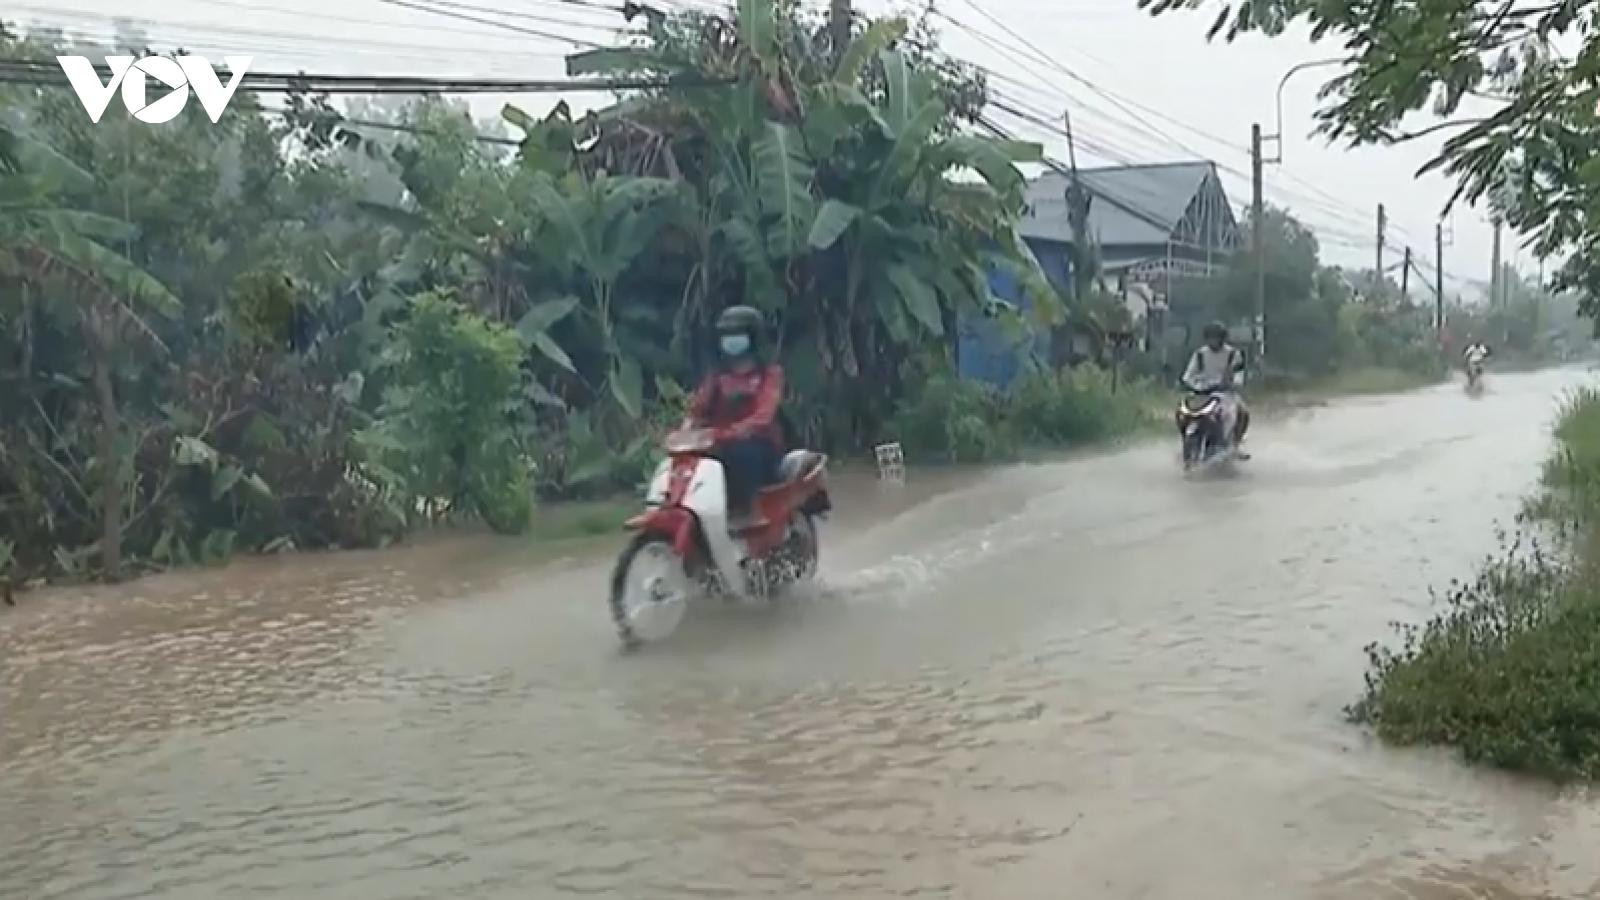 Triều cường dâng cao gây ngập nhiều tuyến đường trong nội ô tỉnh Vĩnh Long